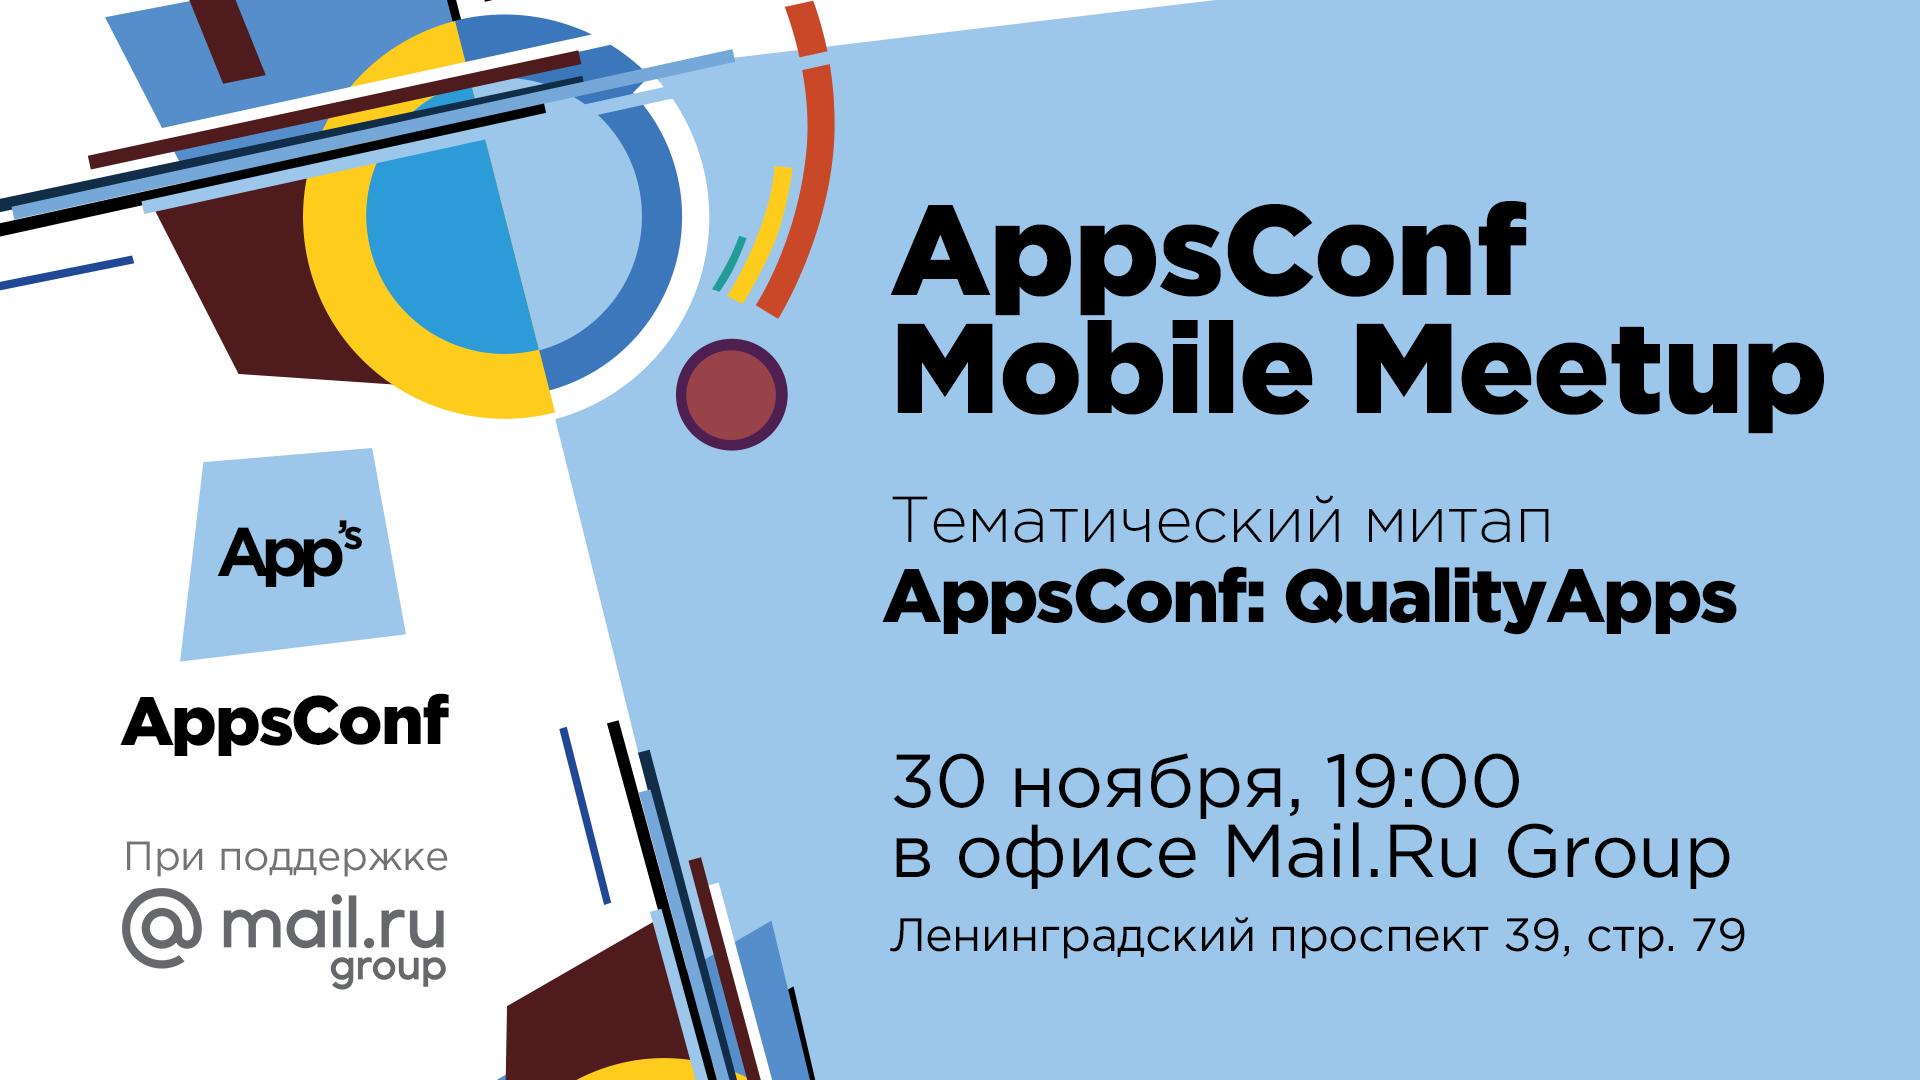 Приглашаем на тематический митап AppsConf: QualityApps - 1